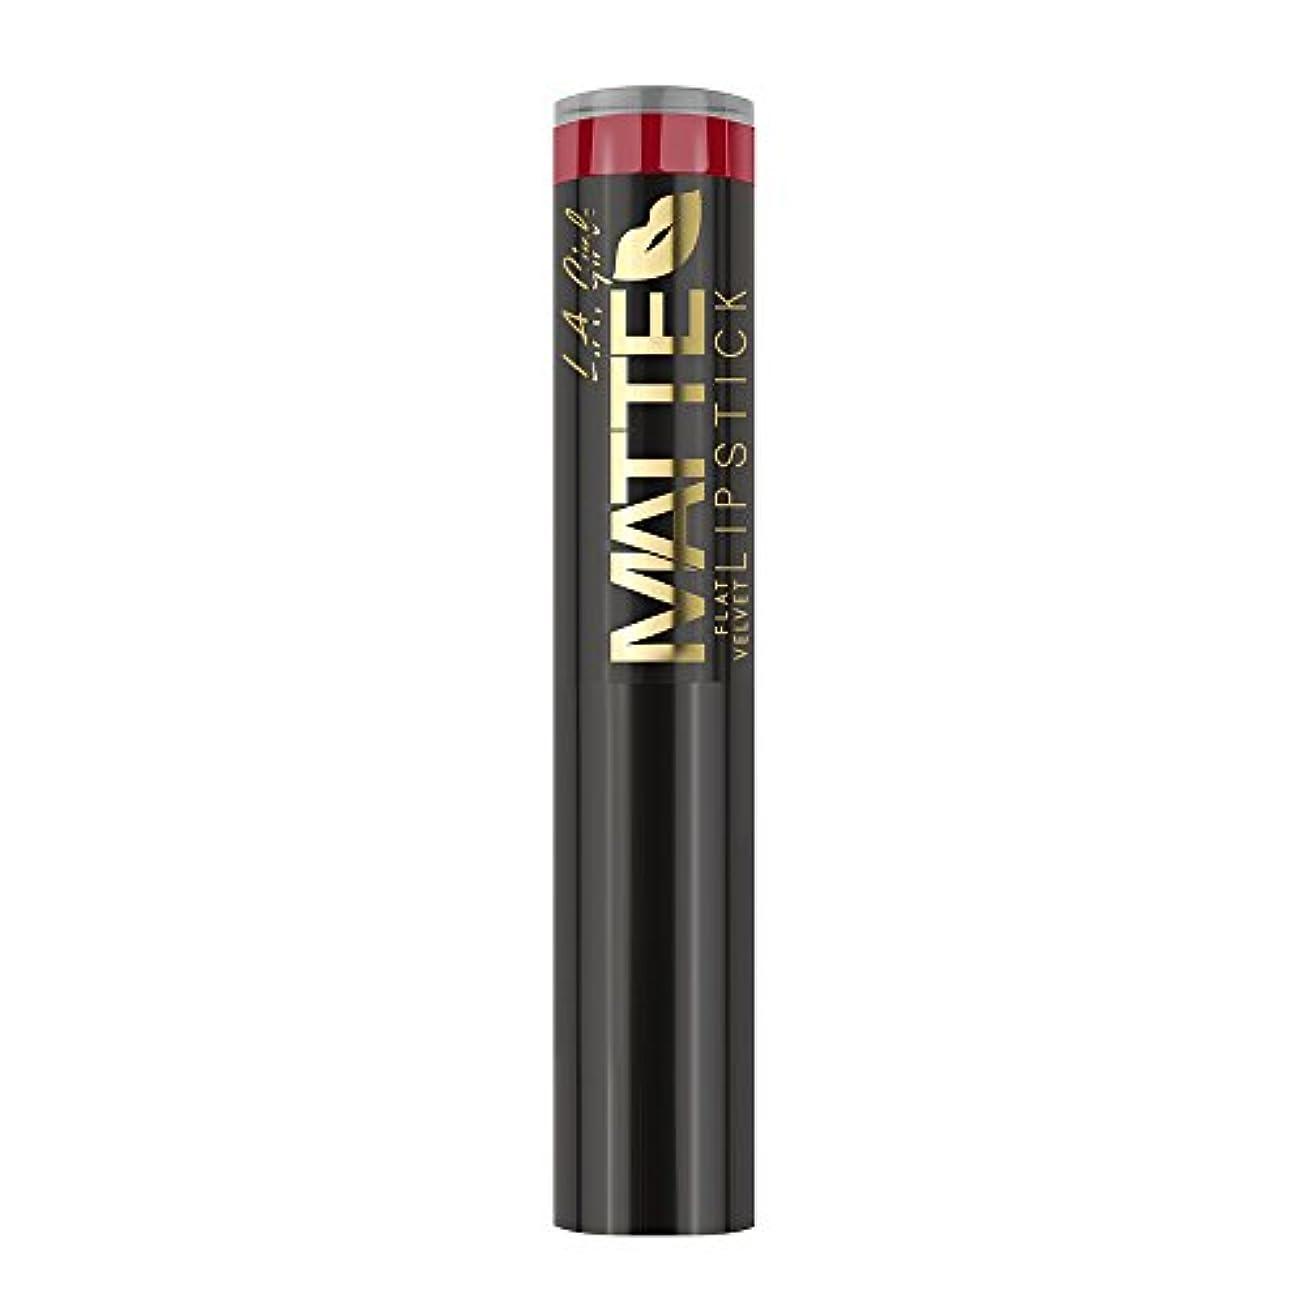 取り囲む踏みつけ講堂(3 Pack) L.A. GIRL Matte Flat Velvet Lipstick Relentless (並行輸入品)